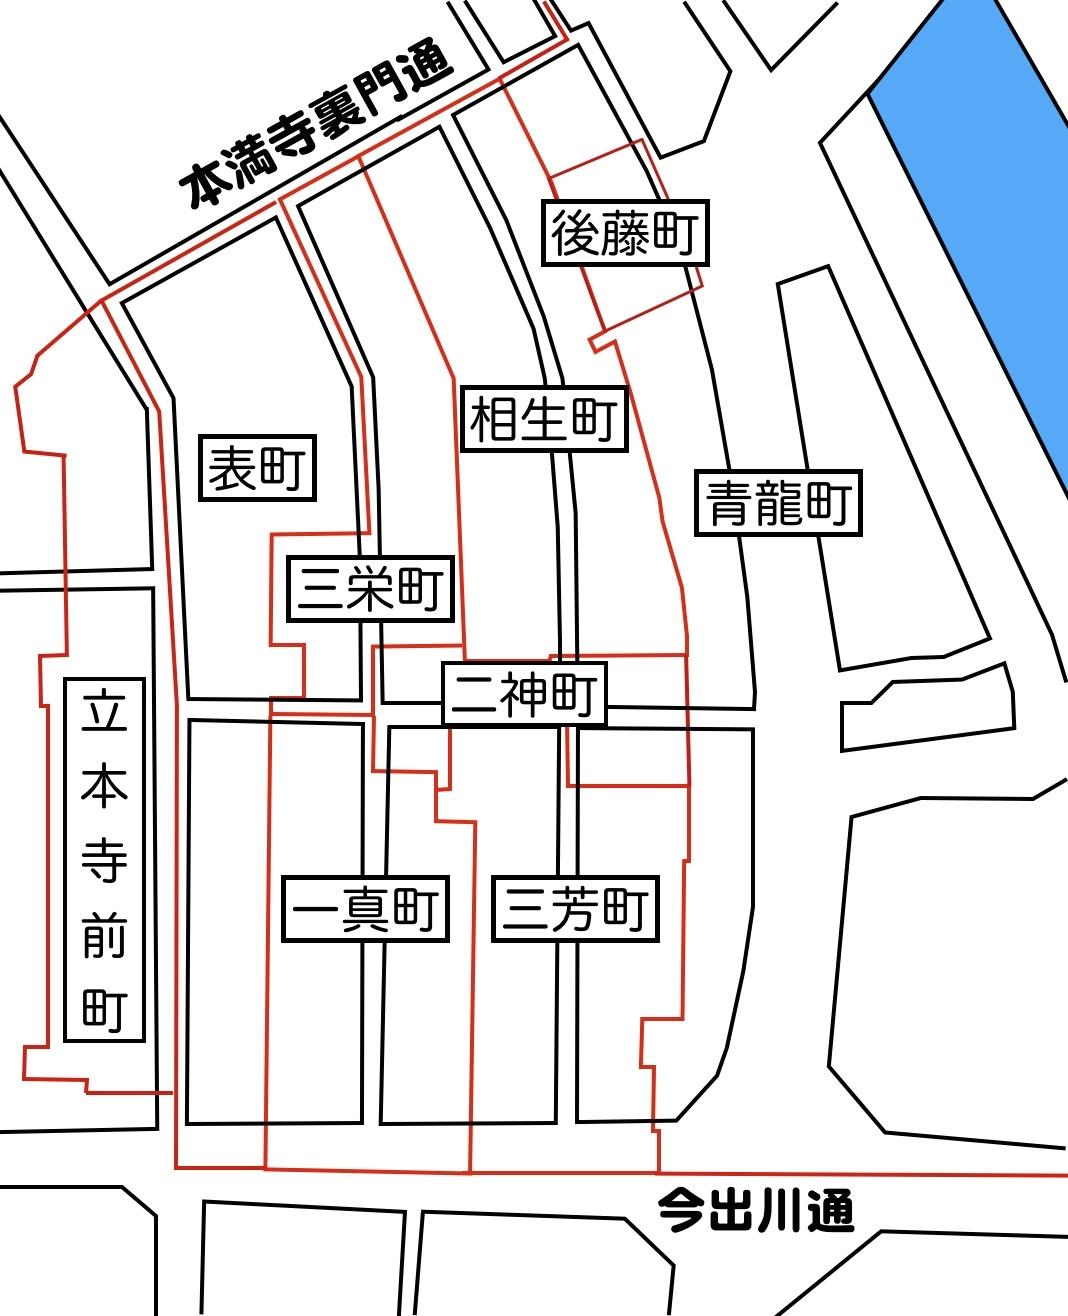 2:立本寺跡地の現在の町名と町域